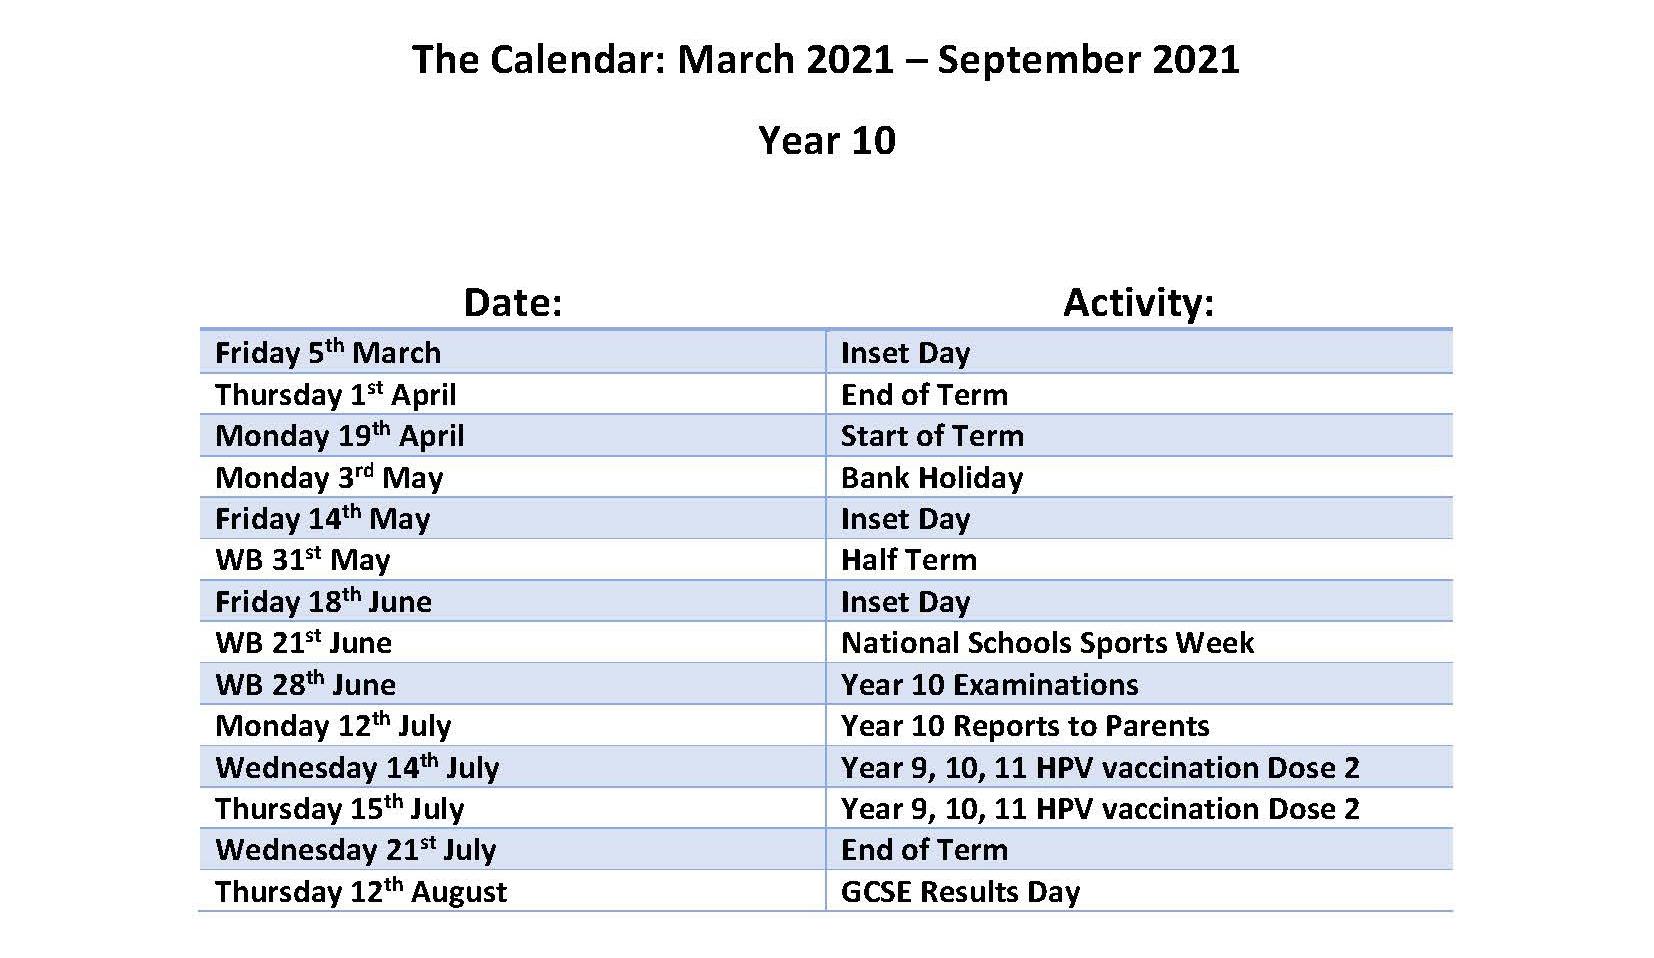 Calendar March - July 2021 - Year 10